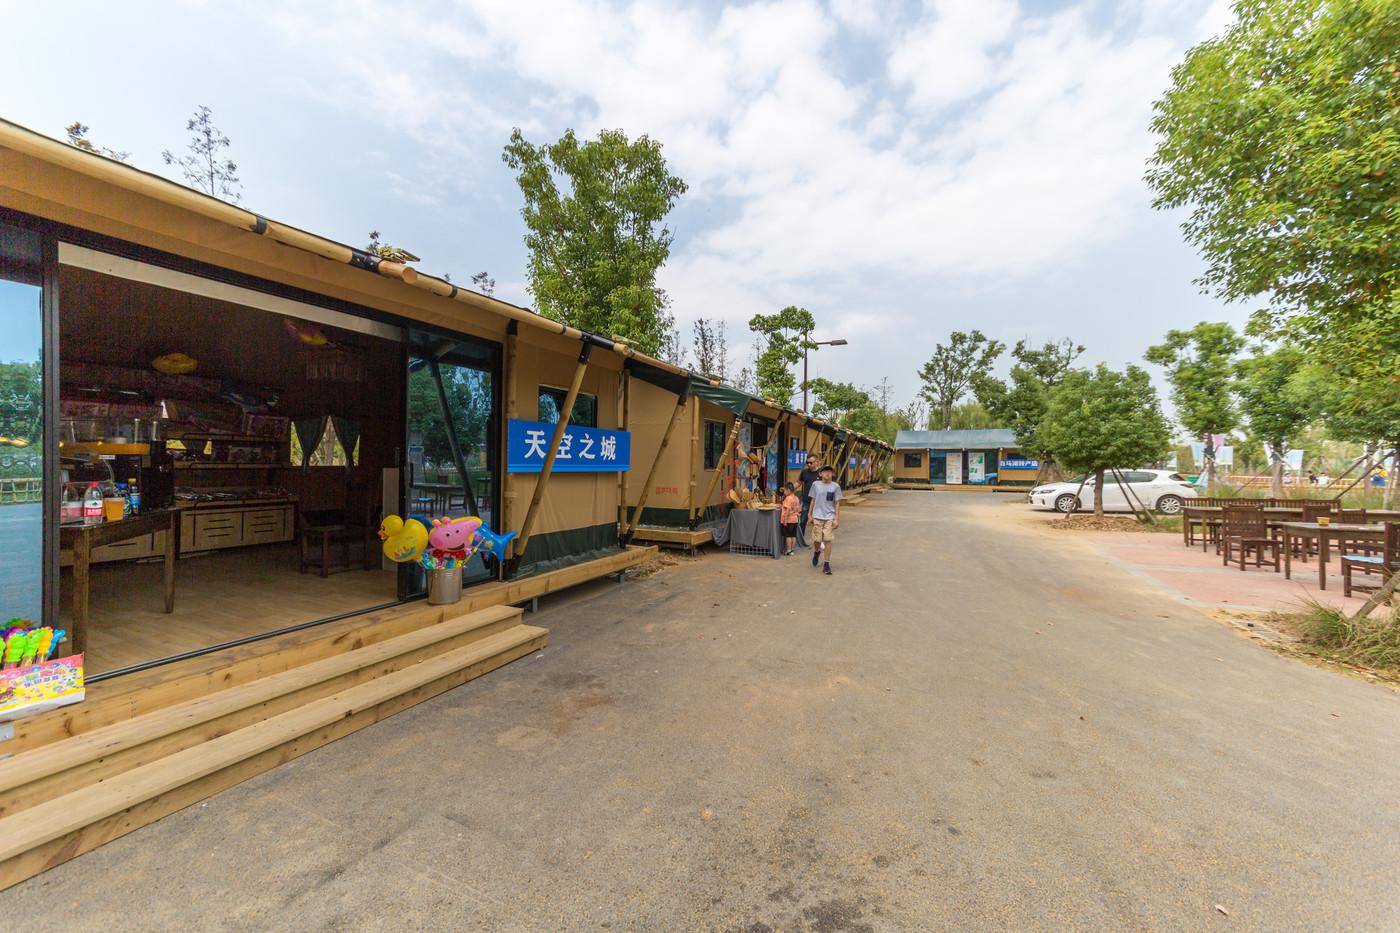 喜马拉雅野奢帐篷酒店—淮安白马湖度假区商铺14